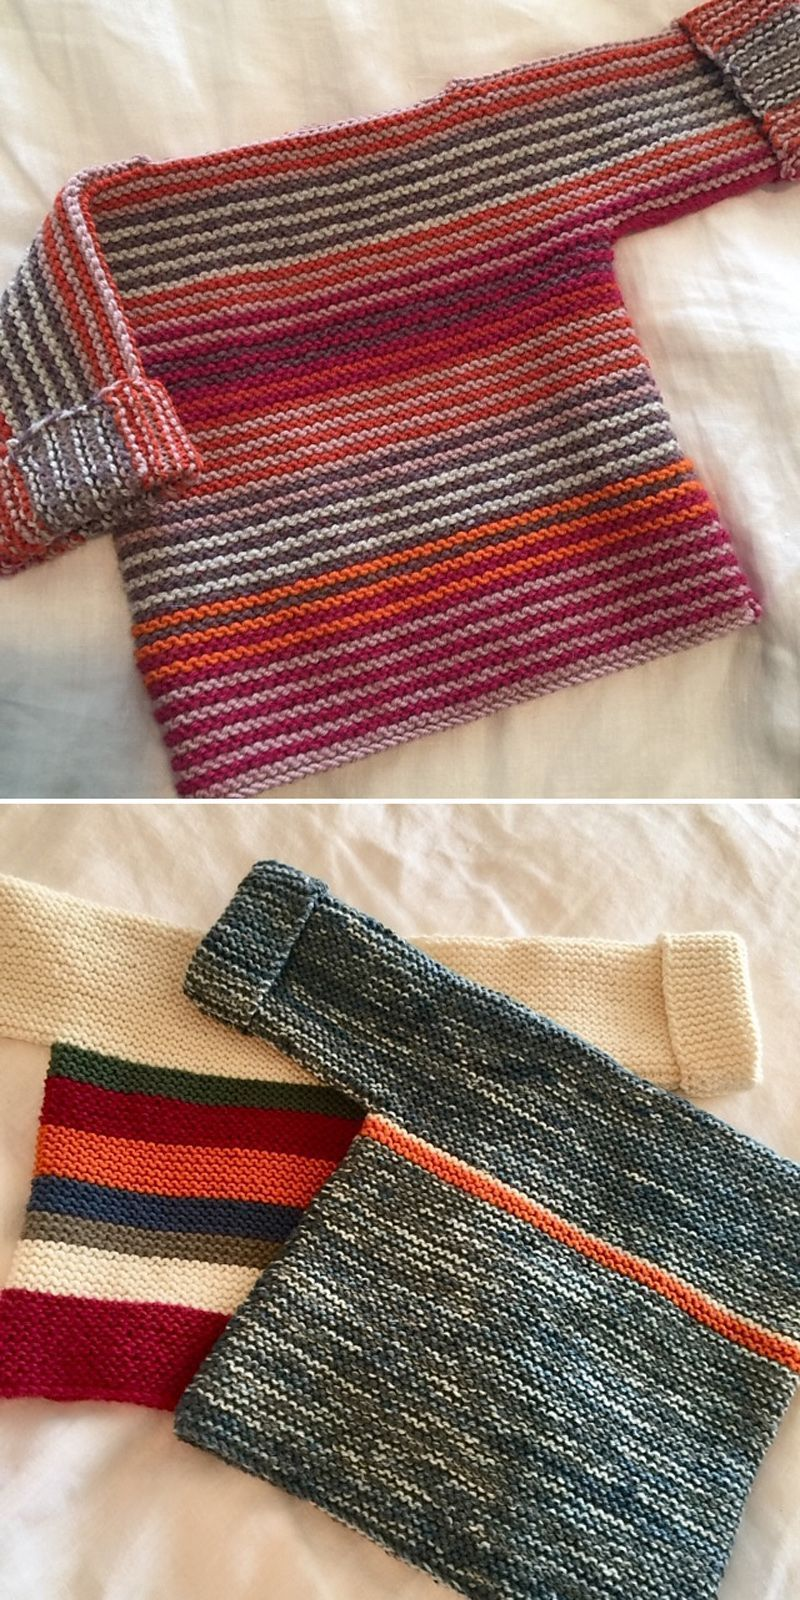 Pull bébé macaron français – Instructions de tricotage gratuites – Knitti gratuit … – Bienvenue sur Blog   – Stricken und Häkeln